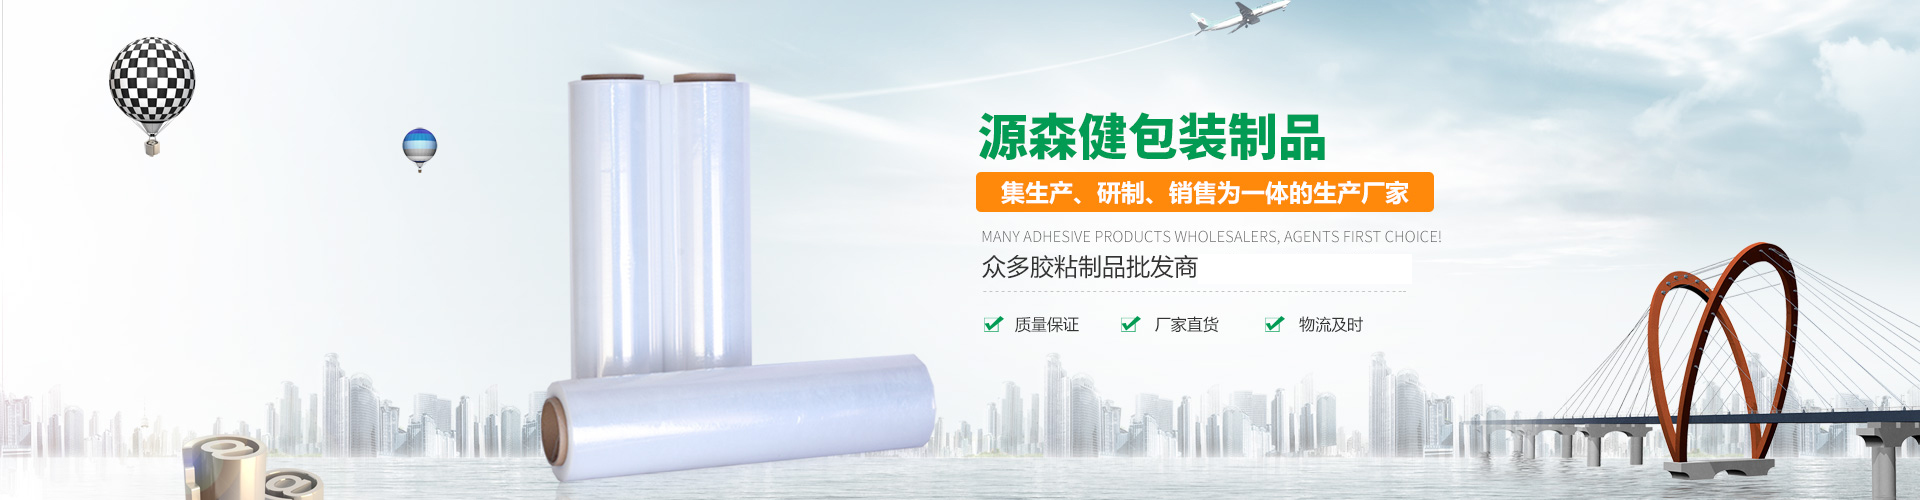 生胶塑炼的方法有机械塑炼和热…